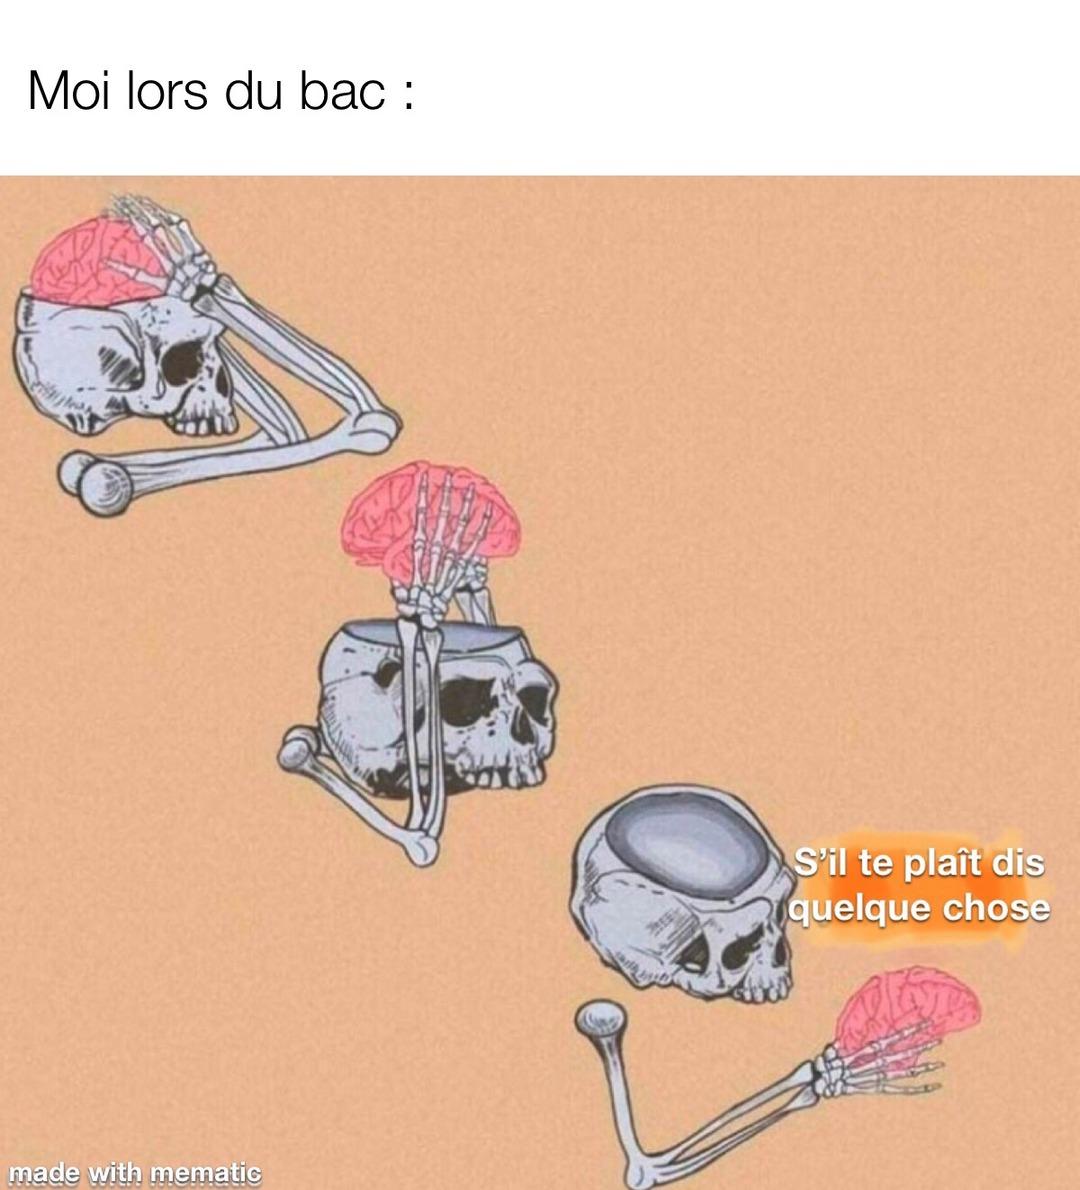 Bac - meme